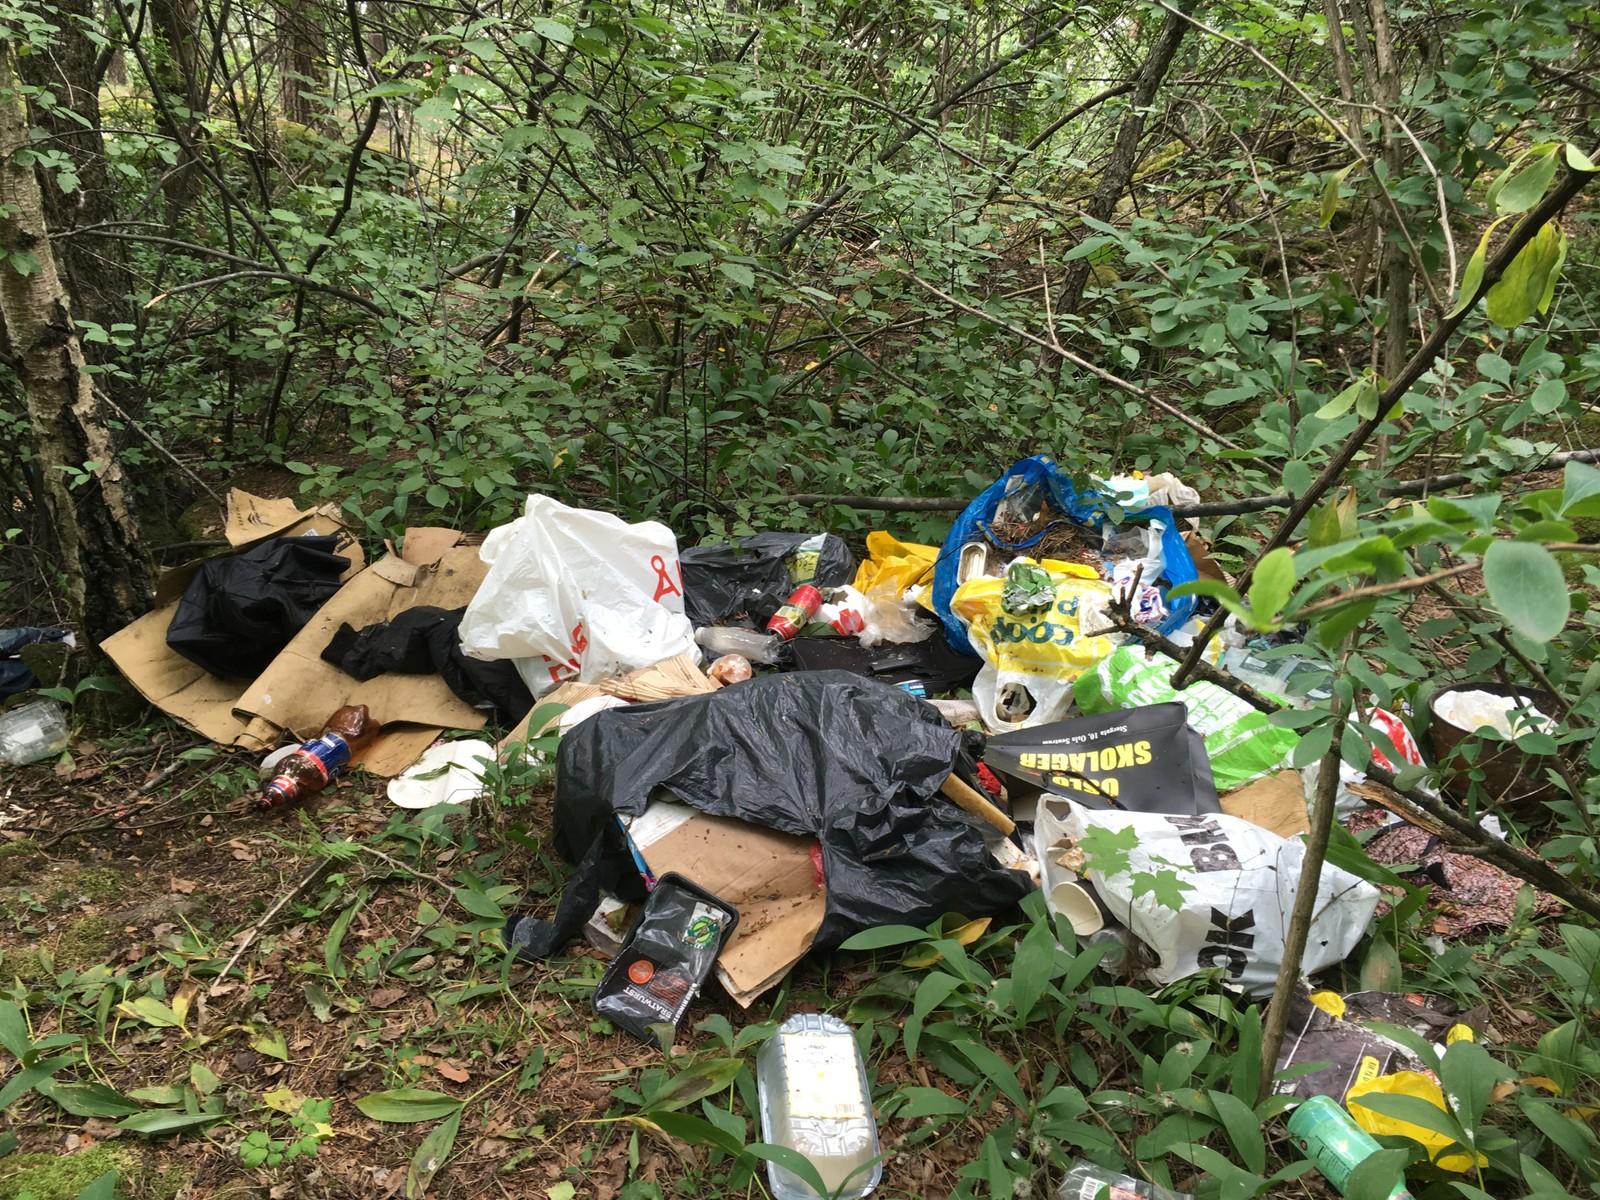 SØPPEL: Masse søppel samler seg opp på flere av de stedene folk slår leir.